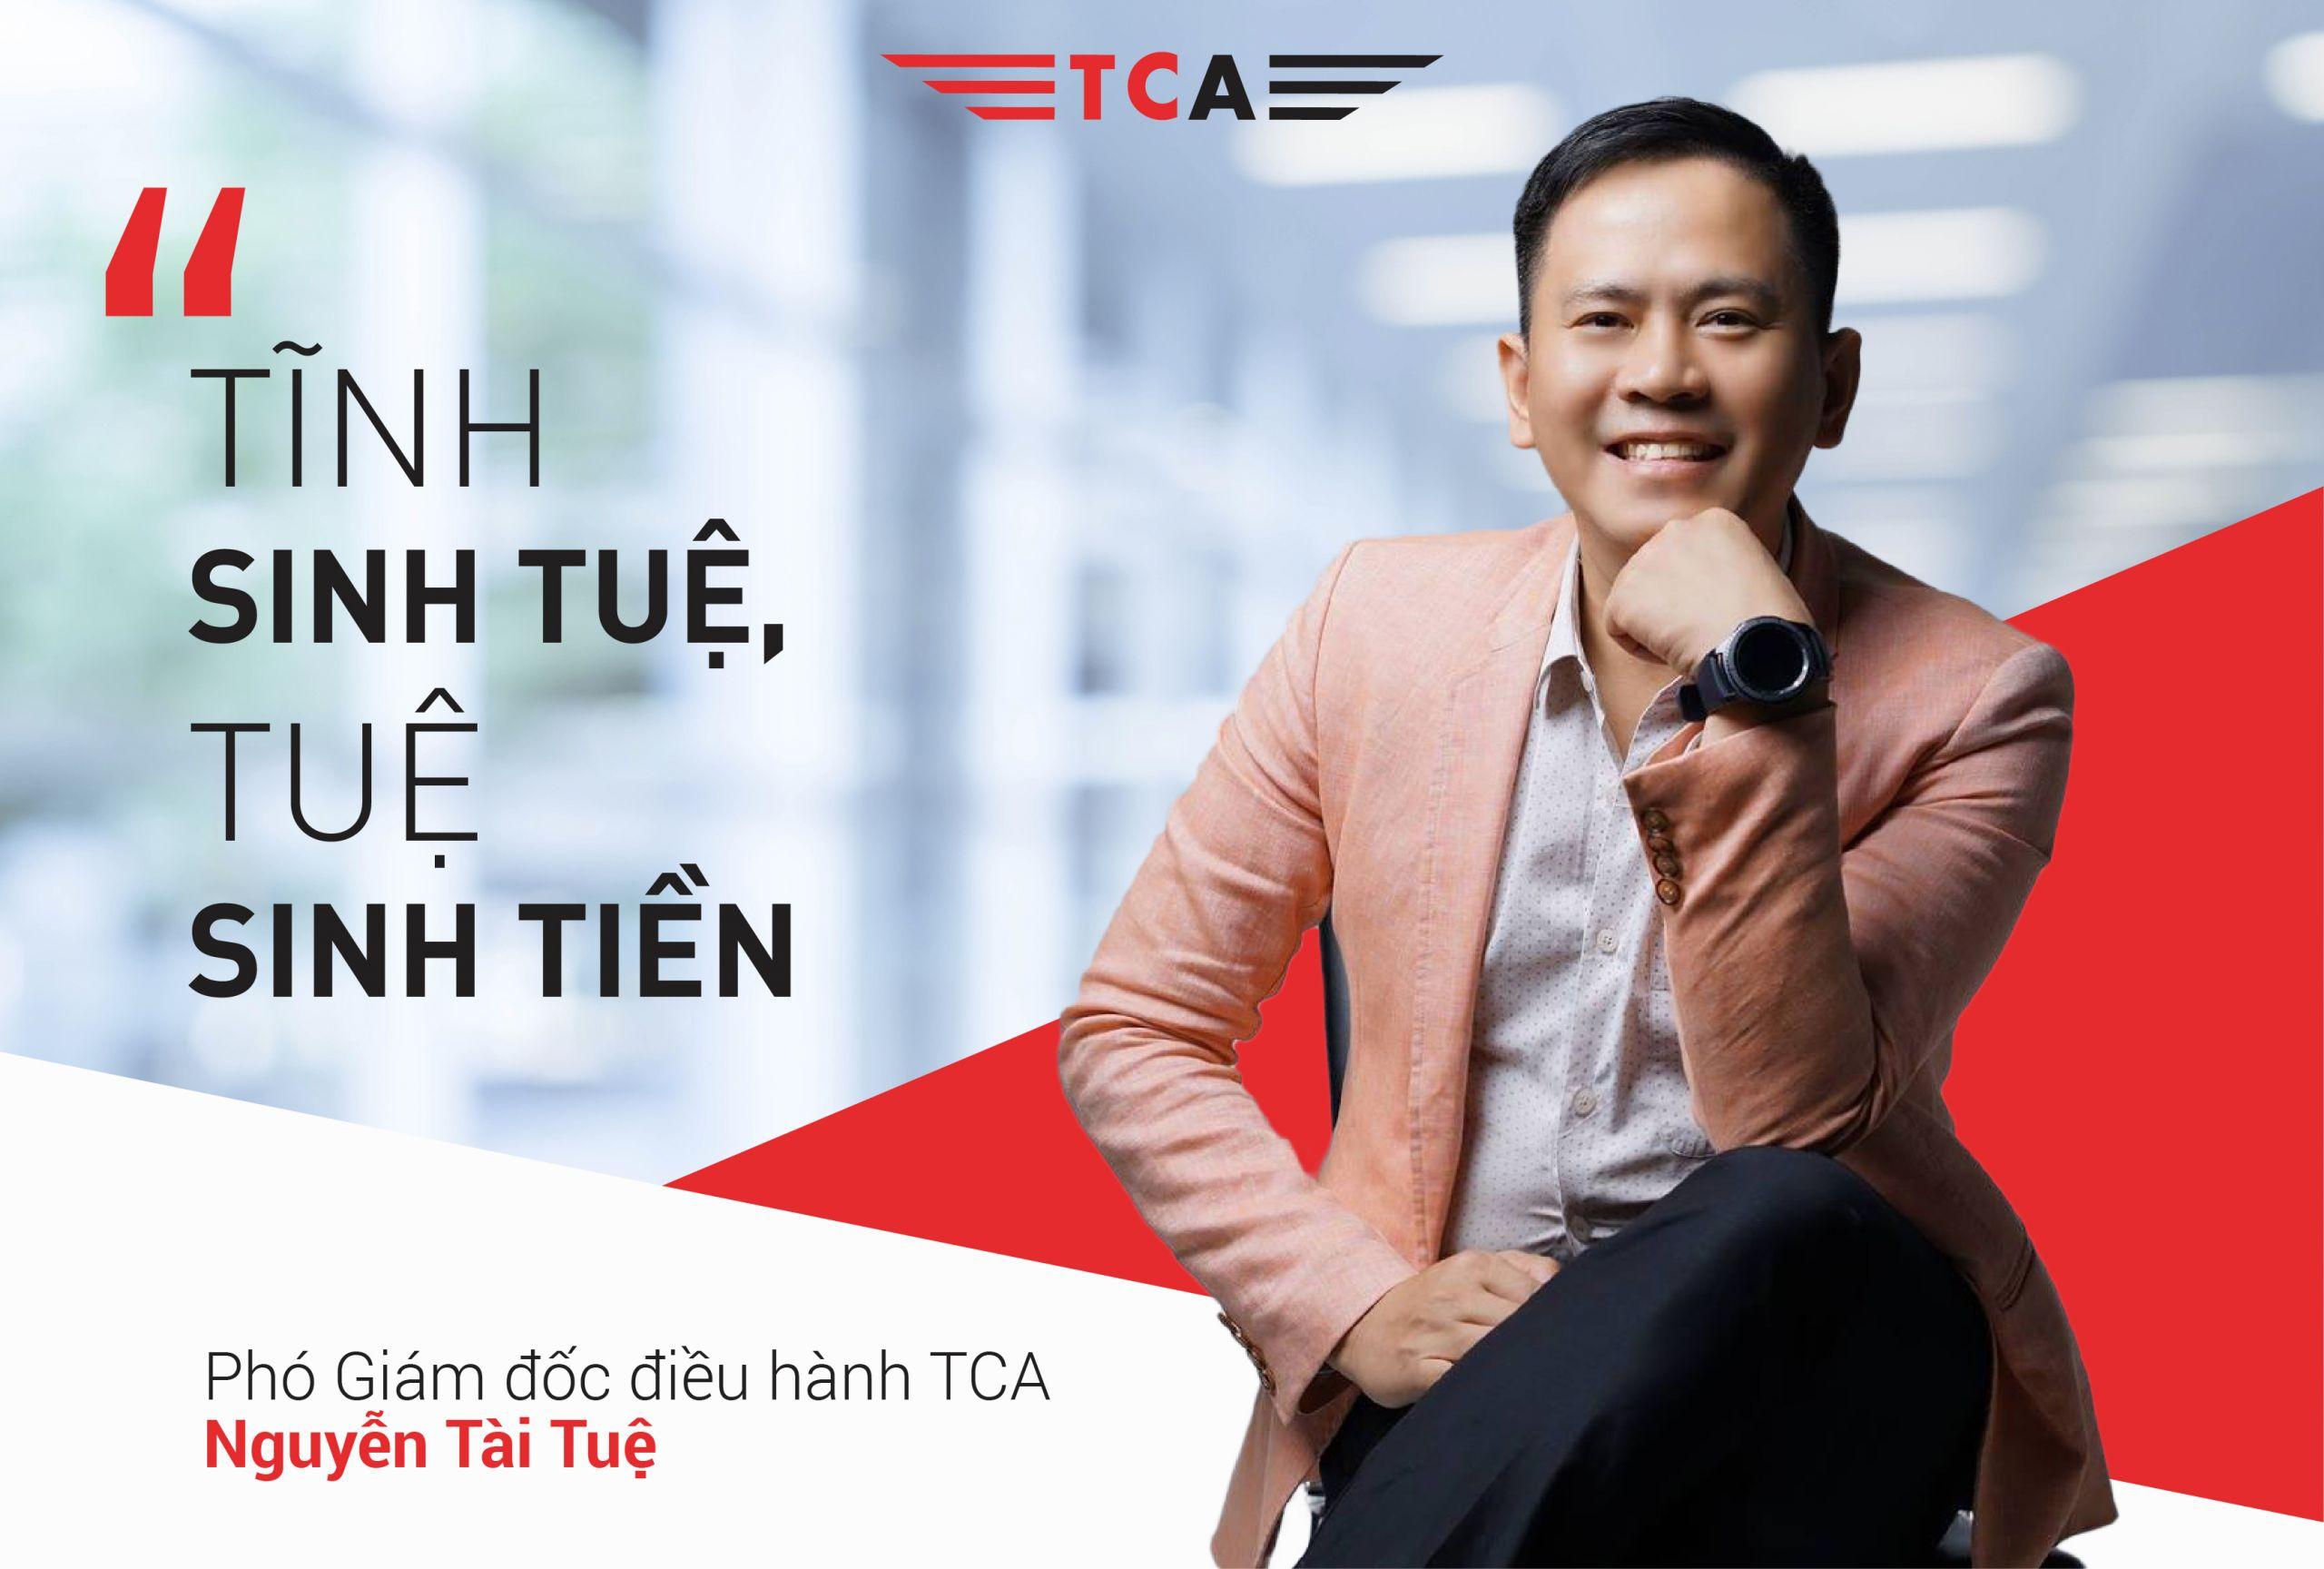 Nguyen Tai Tue